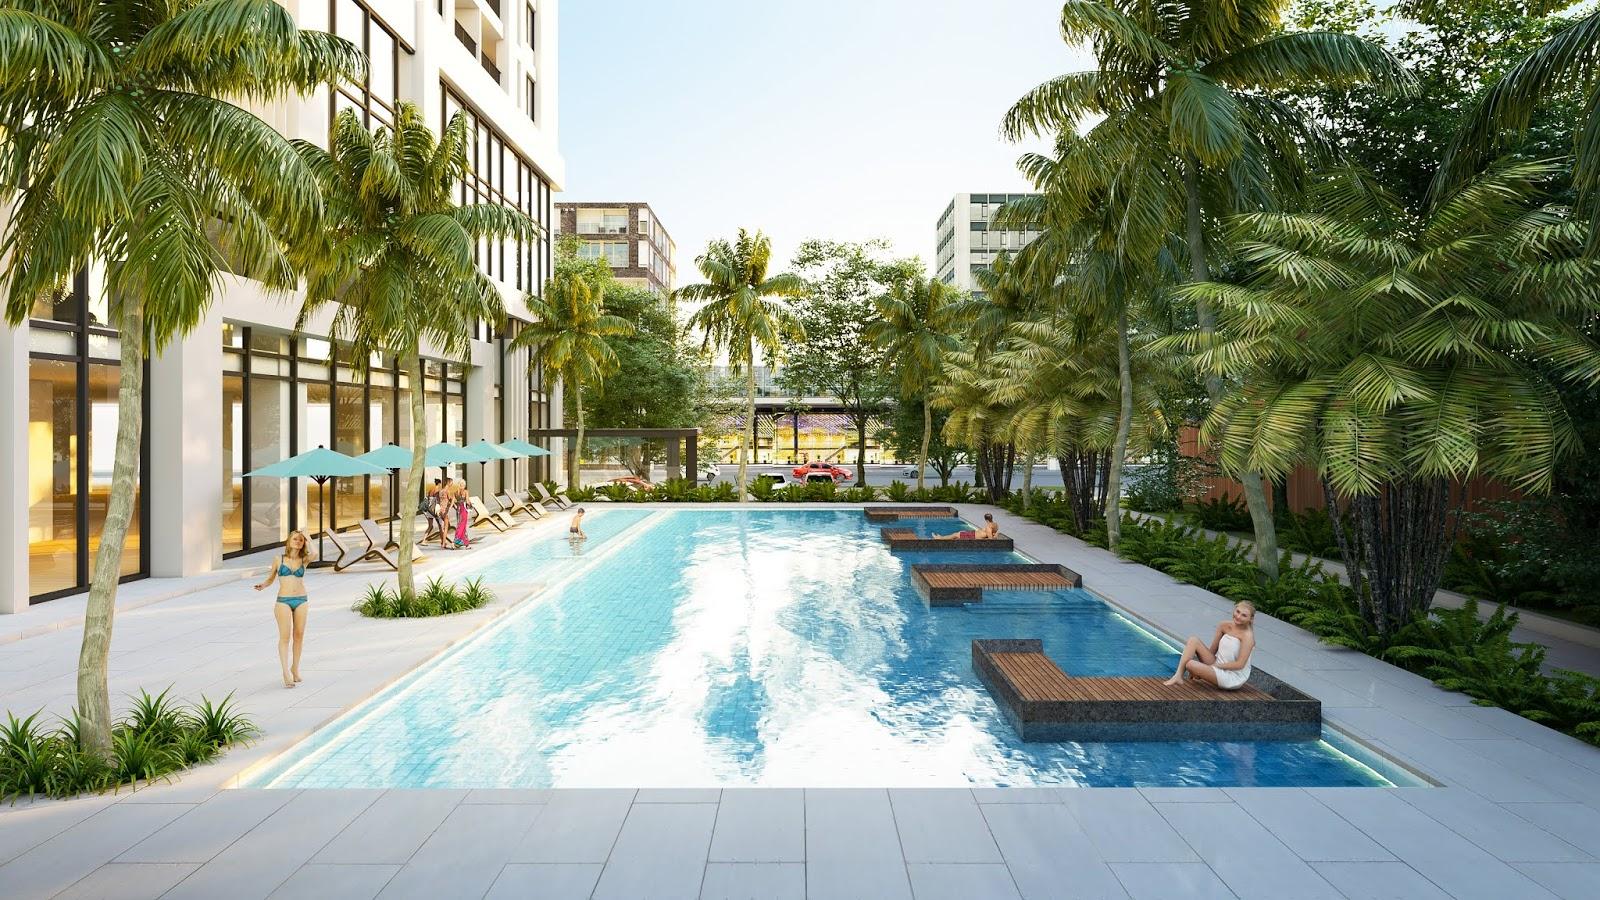 Khu bể bơi được thiết kế hiện đại